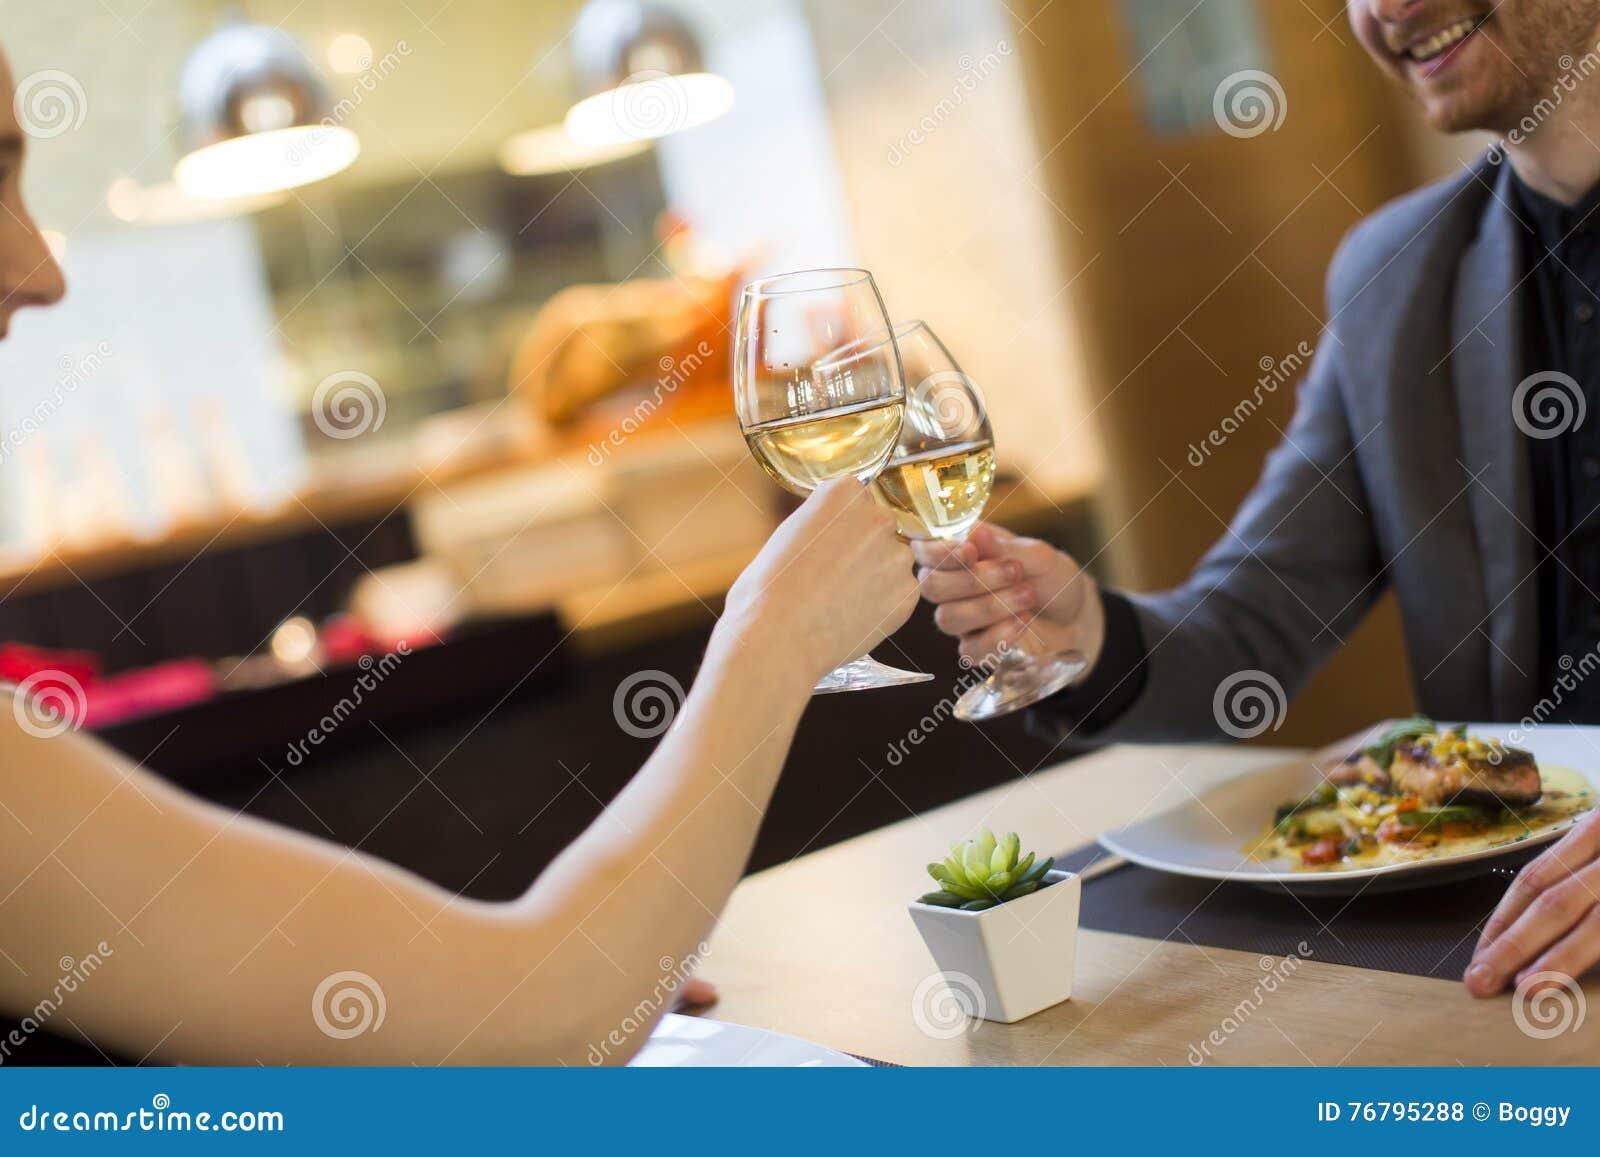 Romantisch diner in restaurant